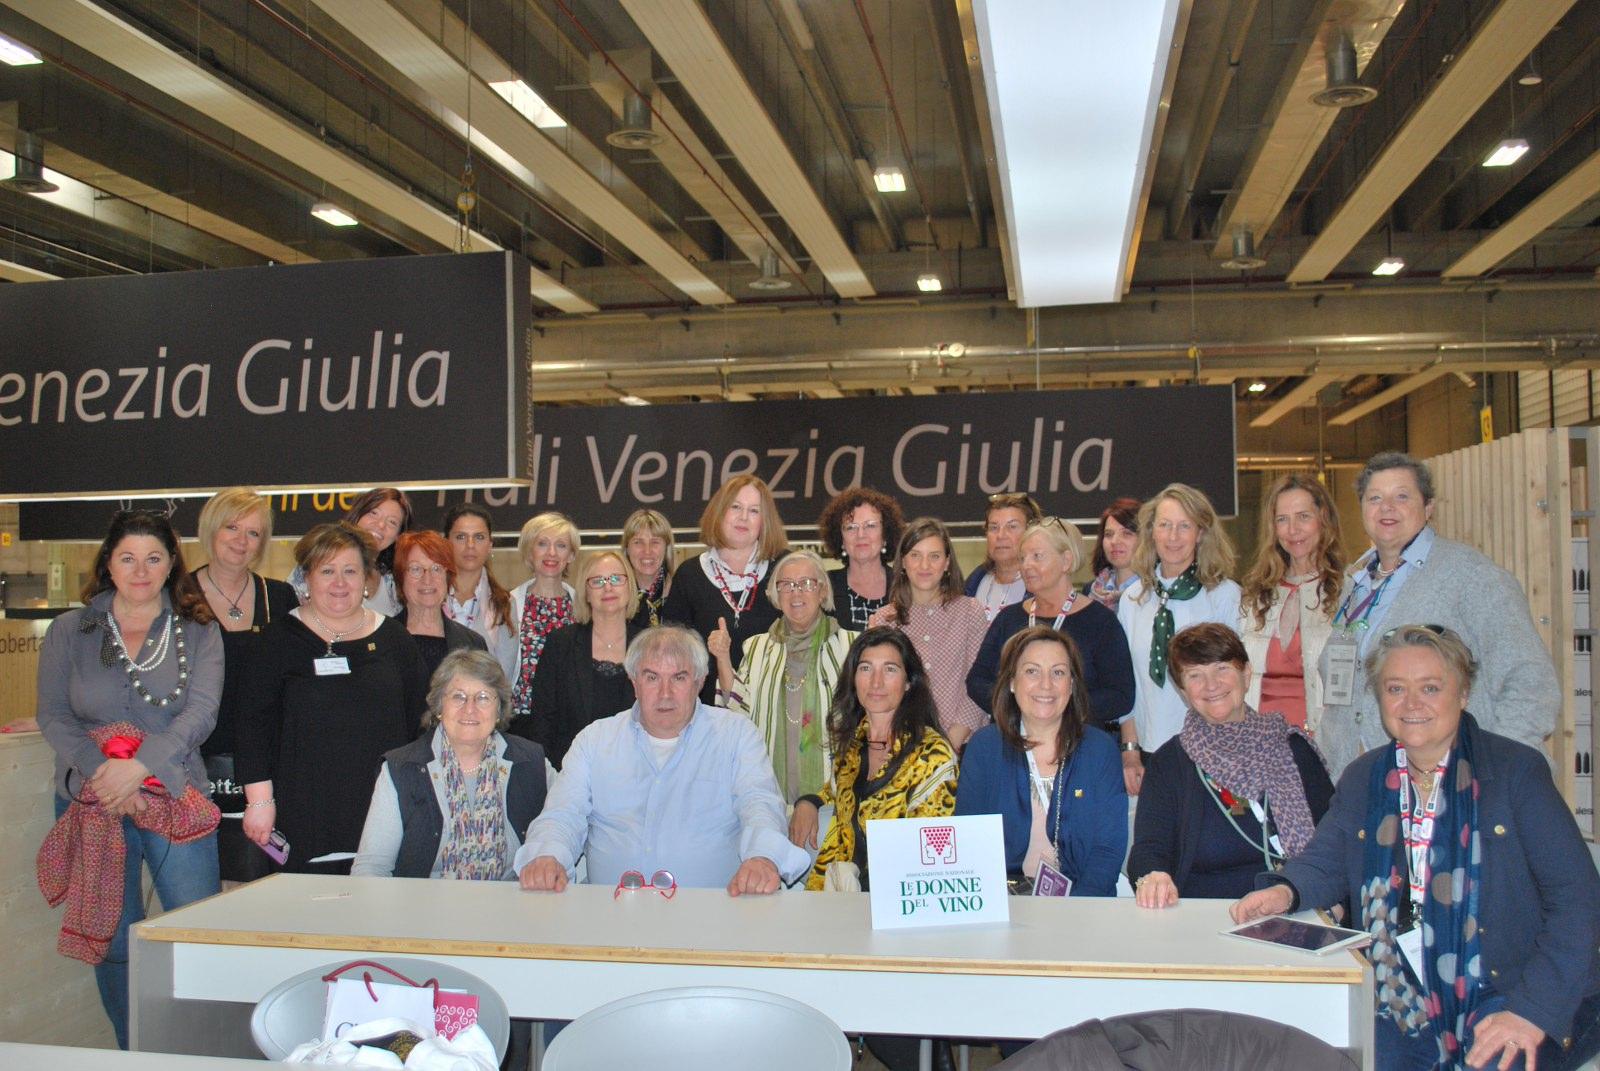 """VINITALY 2019. """"Vino Donne Design…in vigne…tte"""" Friuli Venezia Giulia con il vignettistaValerio Marini. 10 Aprile 2019"""